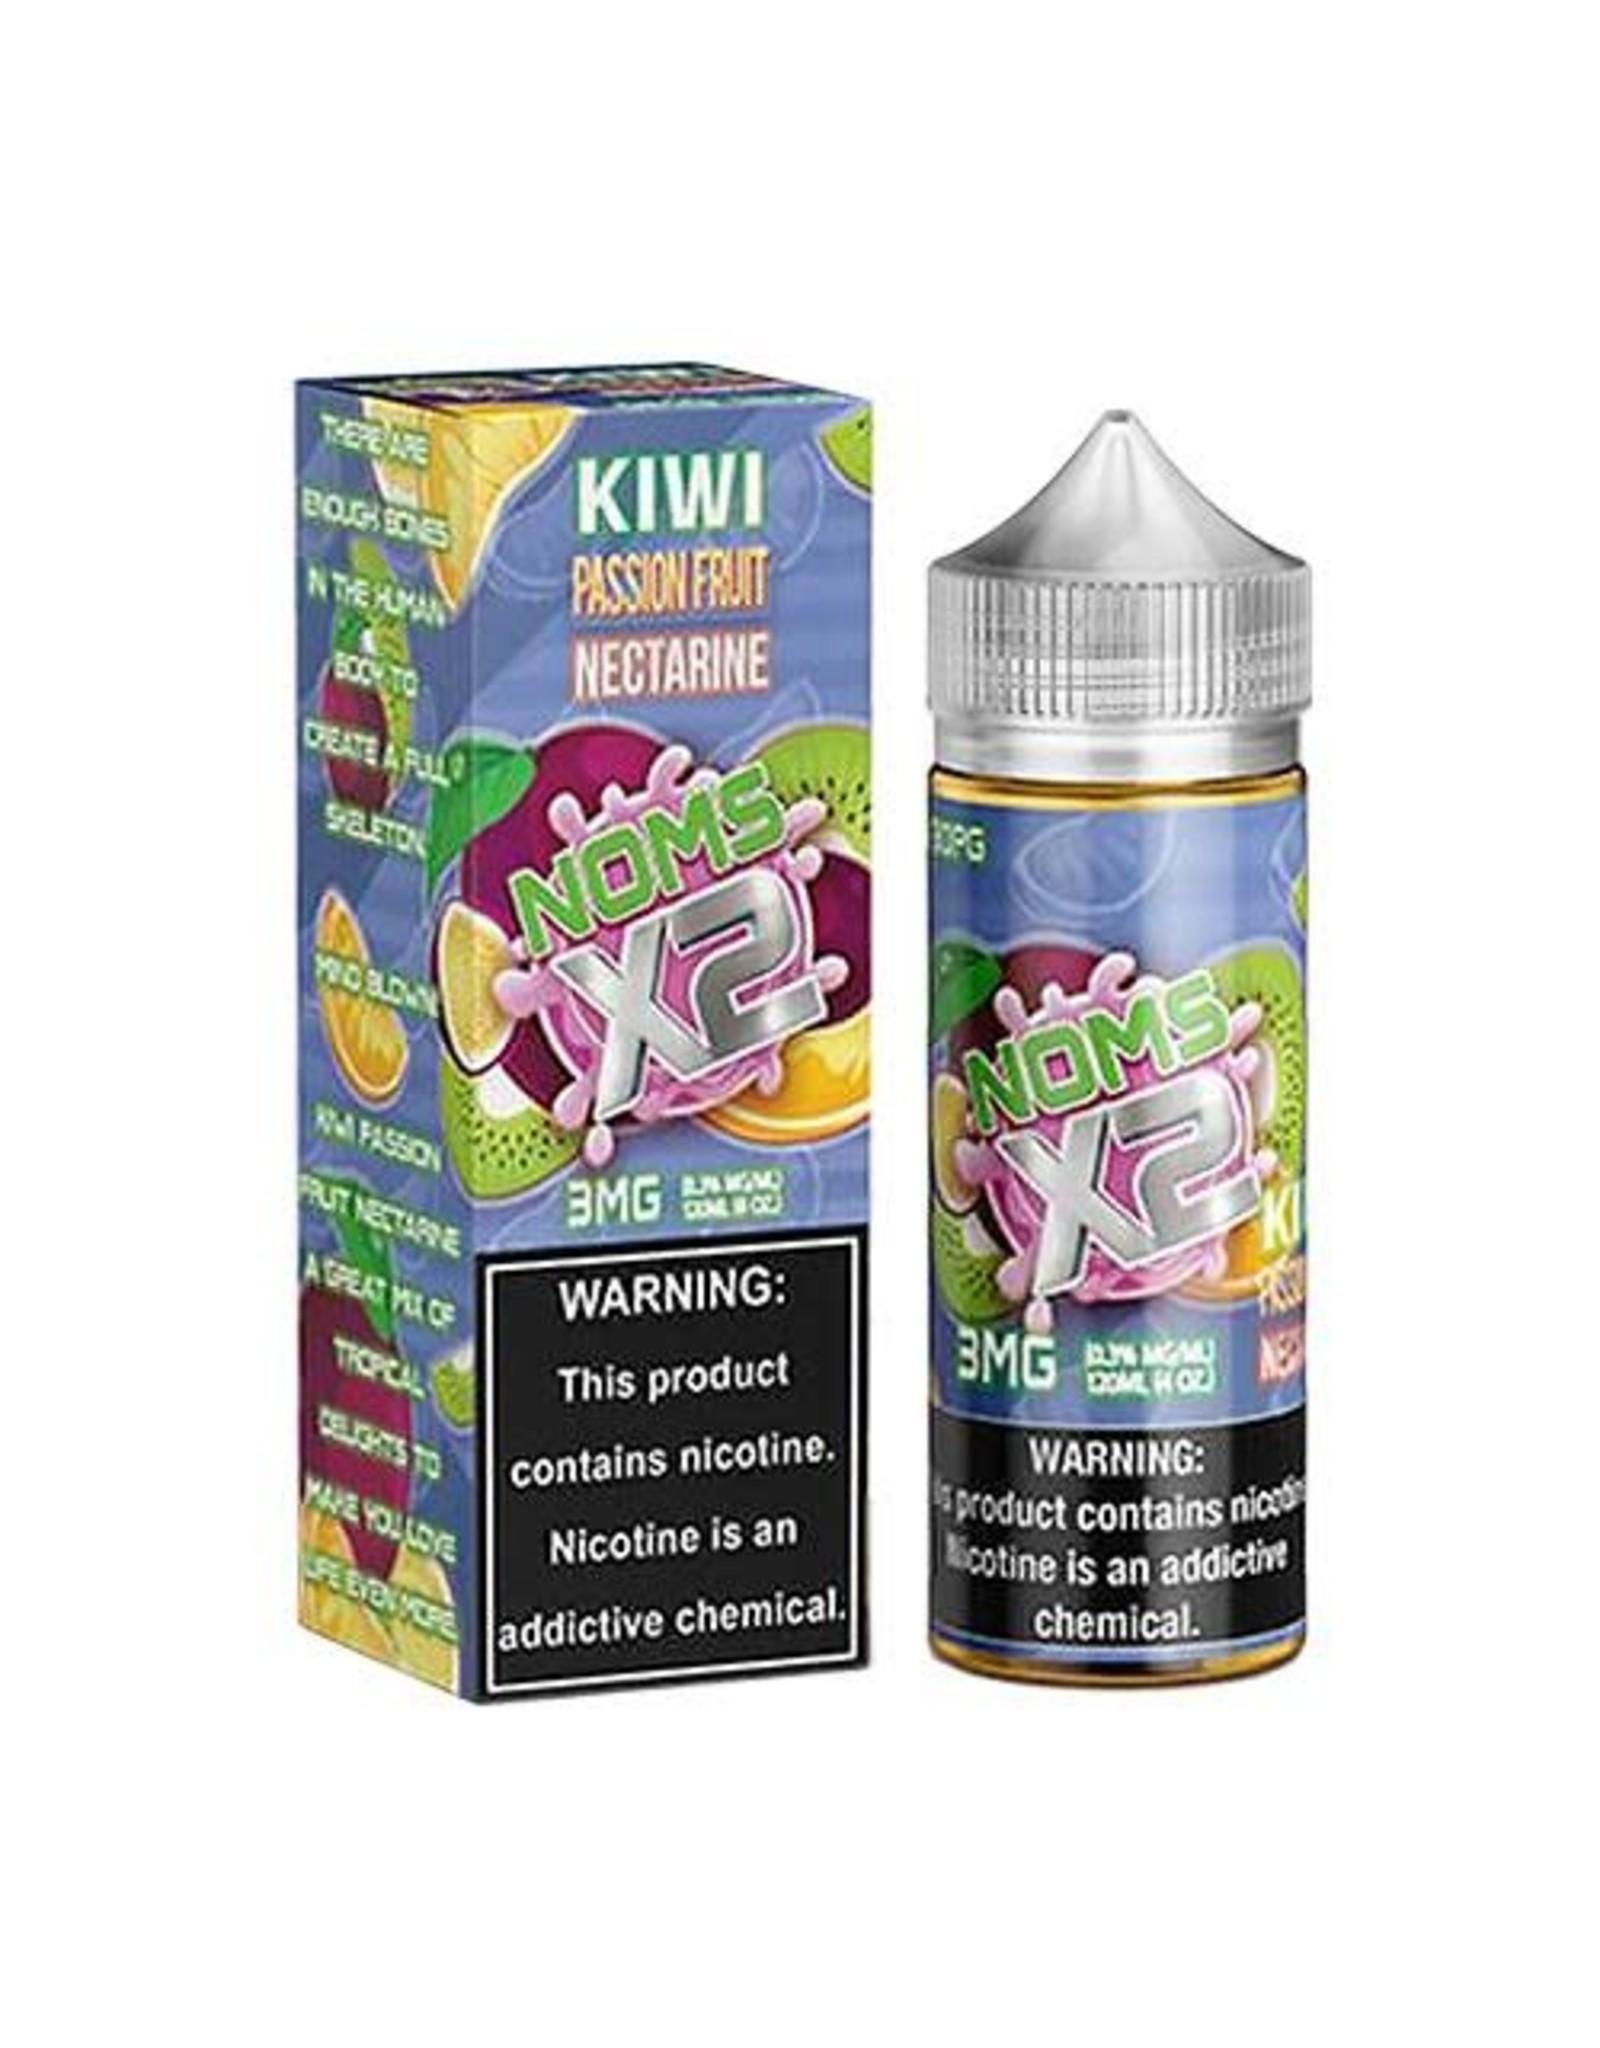 Noms Ejuice  Kiwi Passion Fruit Nectarine 120 mL 3MG